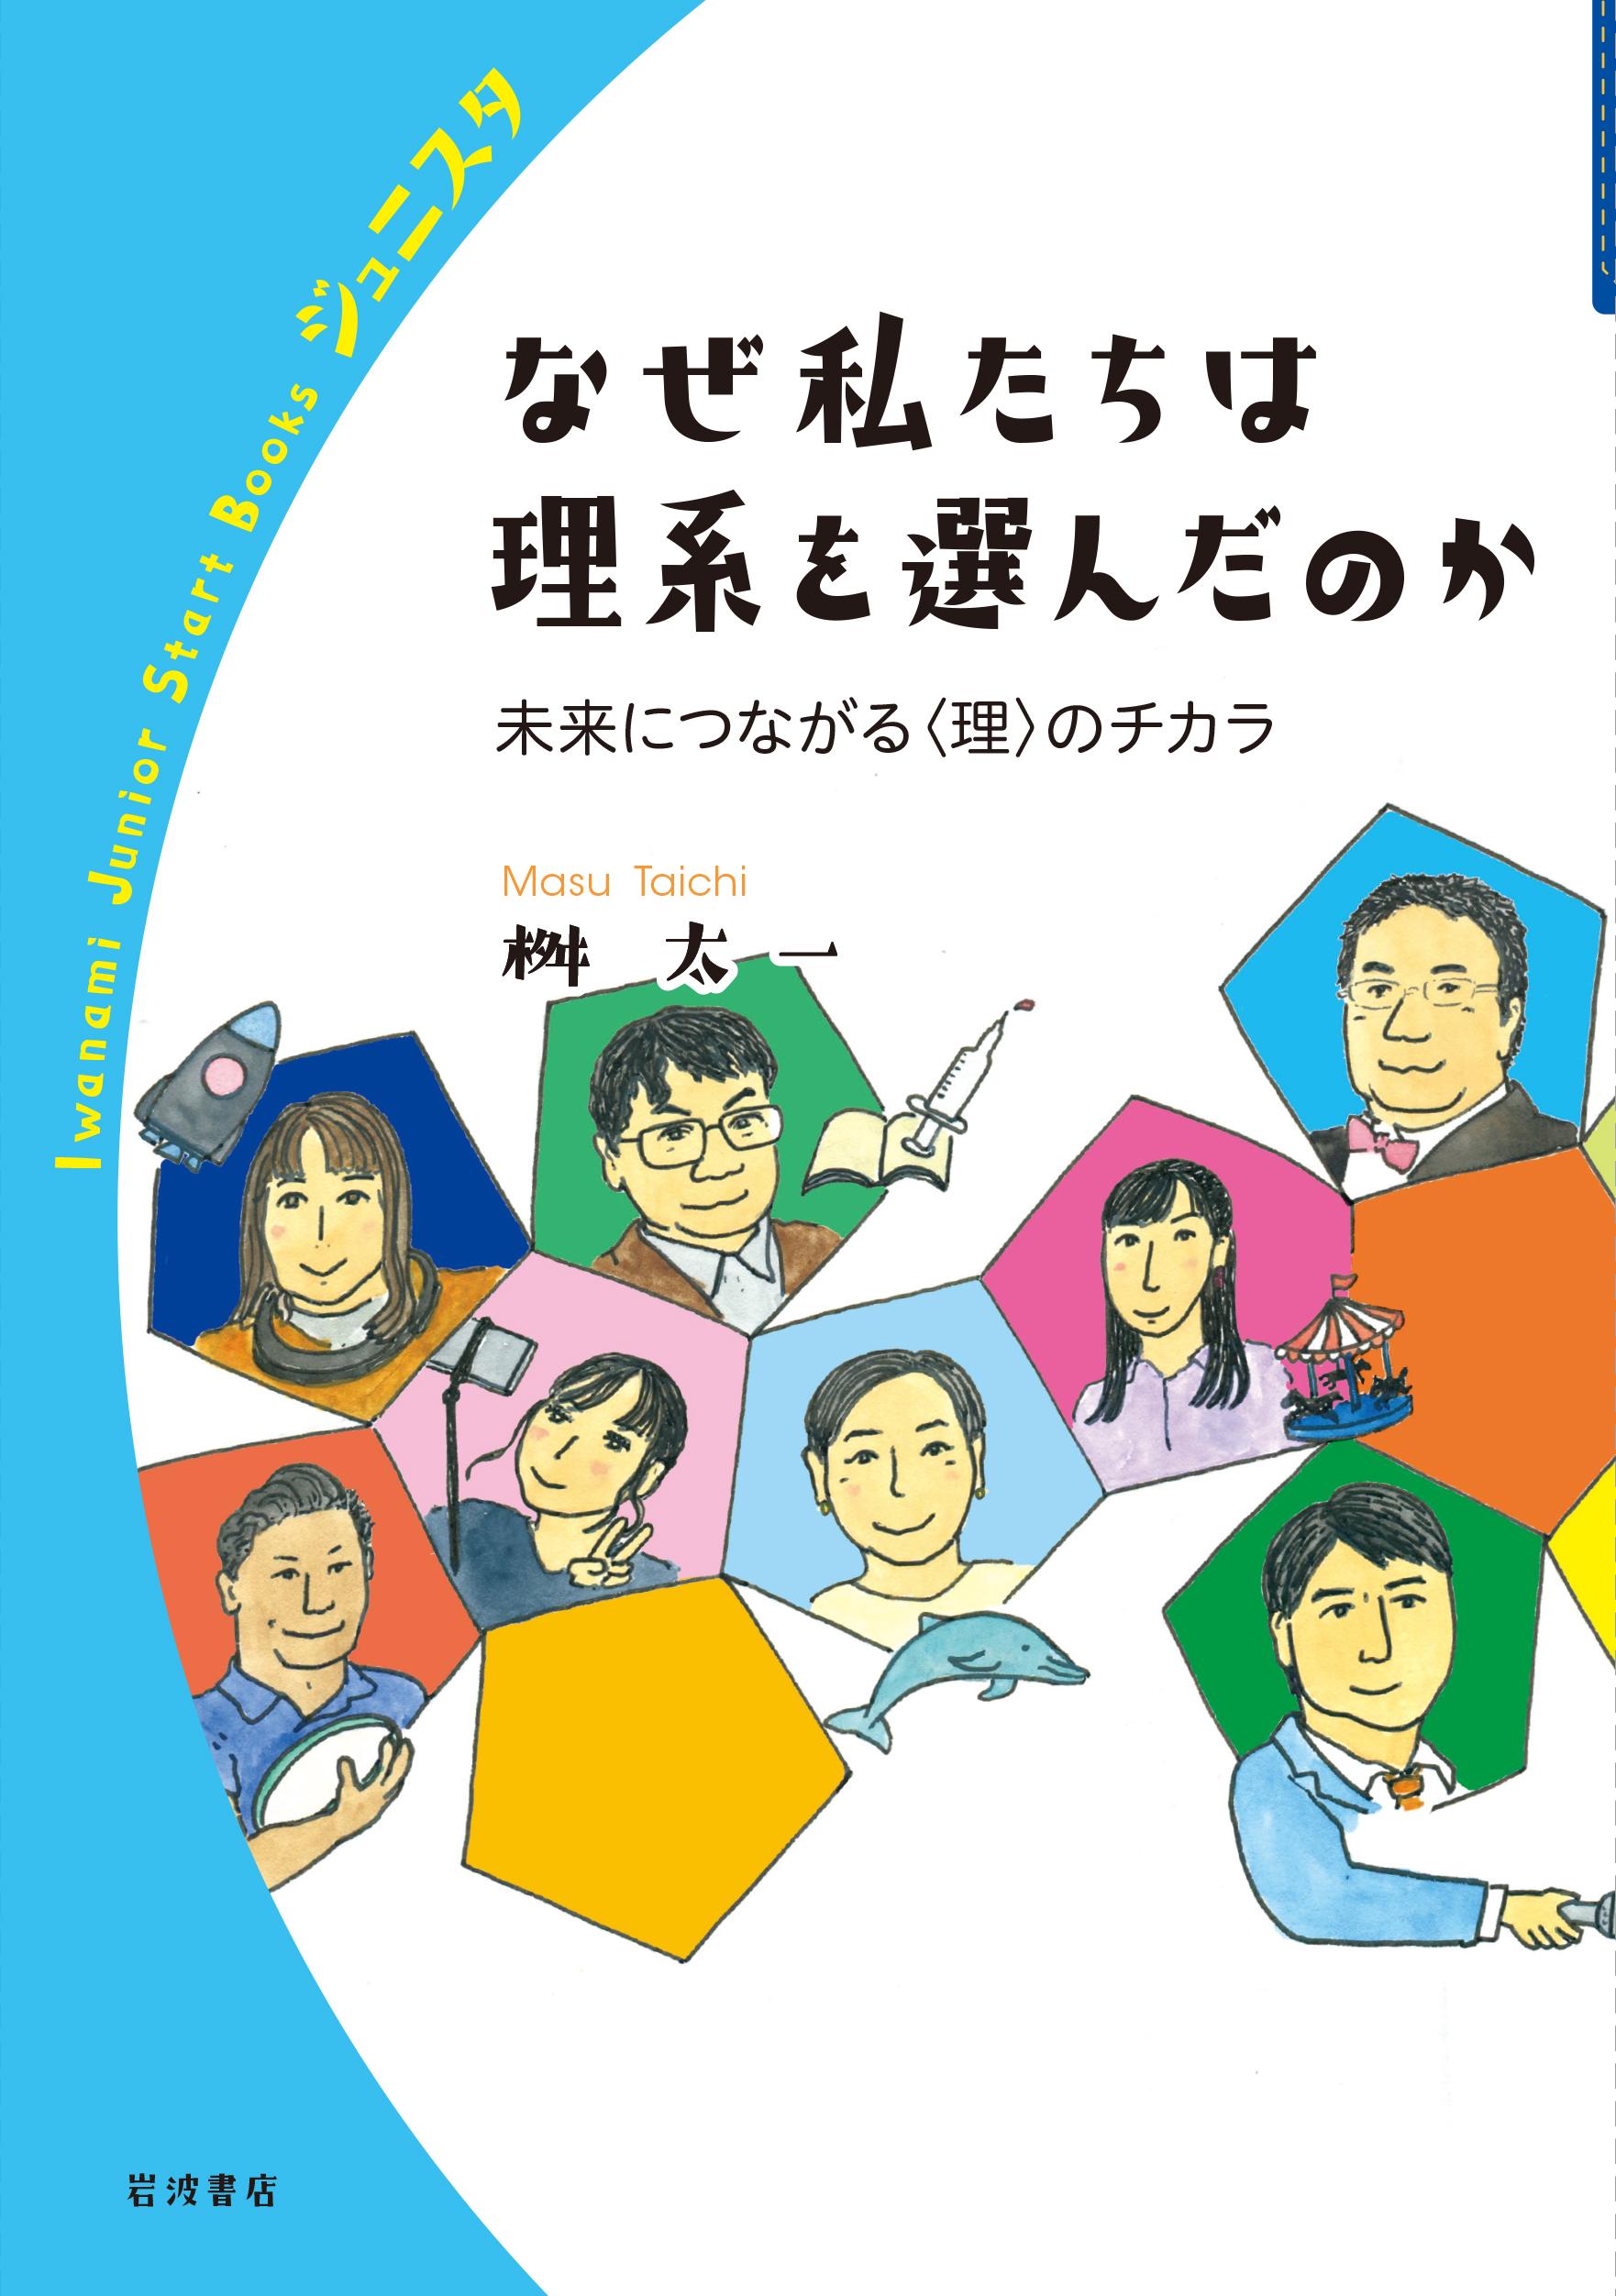 【5/28(金)発売】桝 太一著「なぜ私たちは理系を選んだのか」(岩波ジュニスタ)